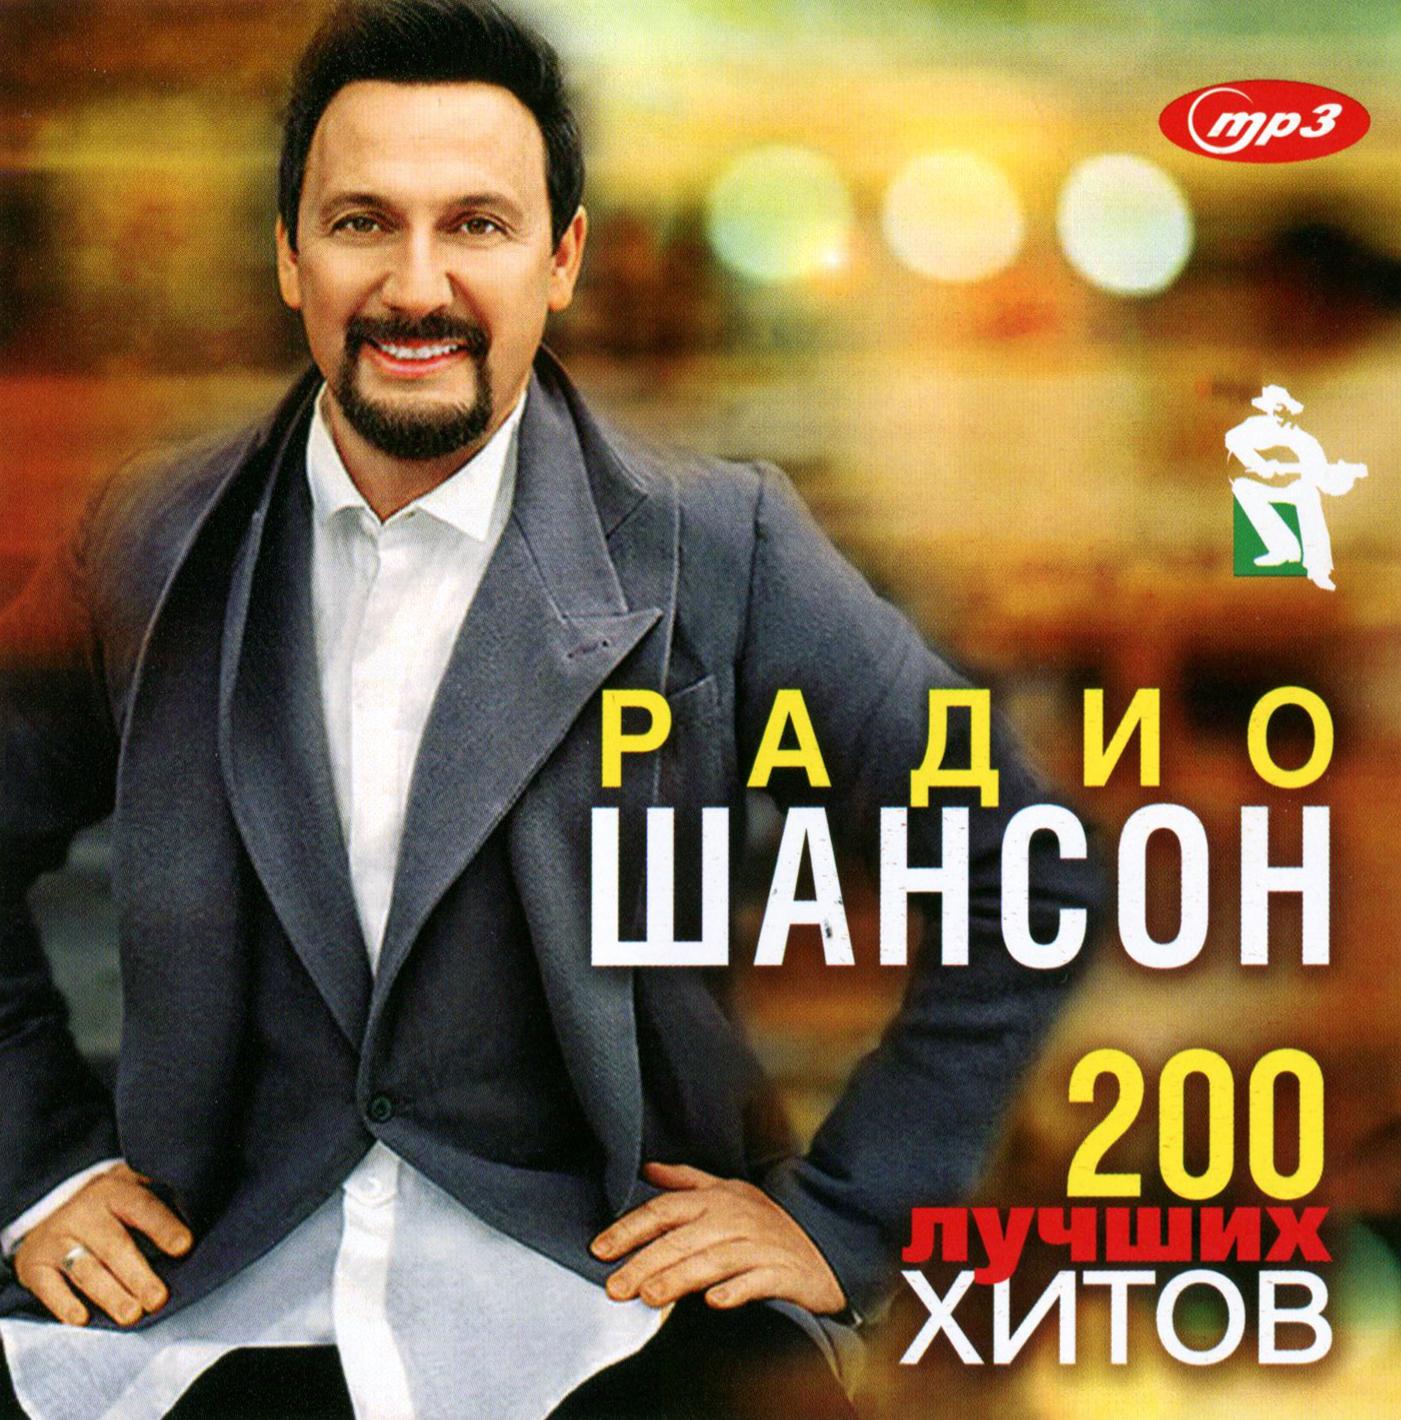 Радио Шансон - 200 лучших хитов [mp3]